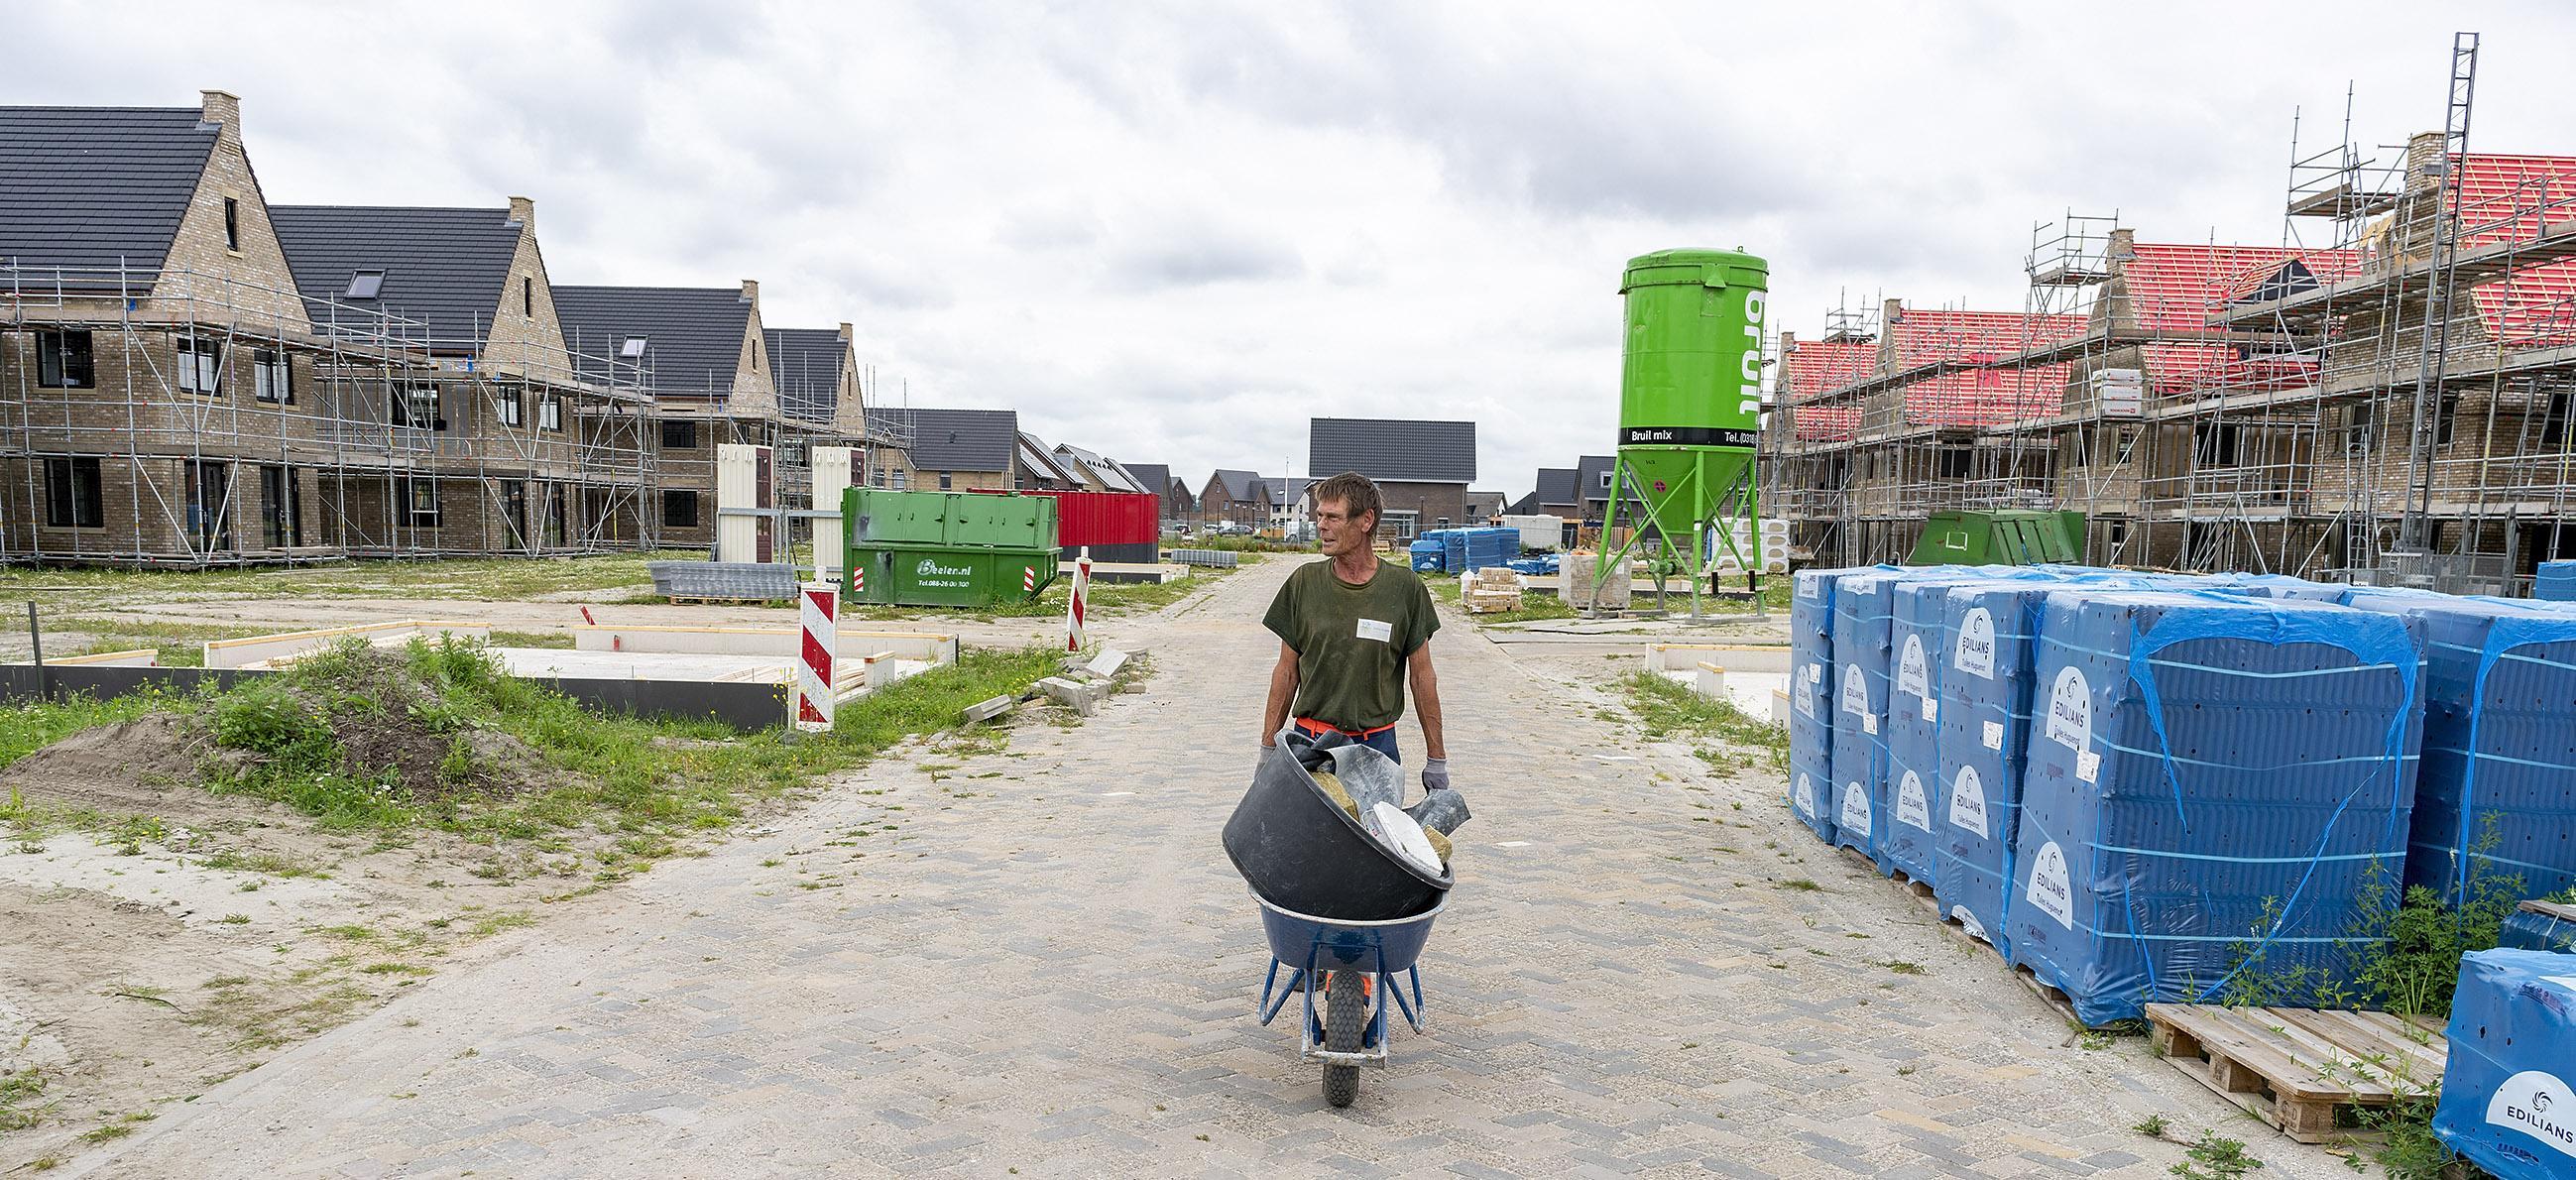 College Heerhugowaard denkt aan flexwoningen om snel aan vraag om sociale woningen tegemoet te kunnen komen